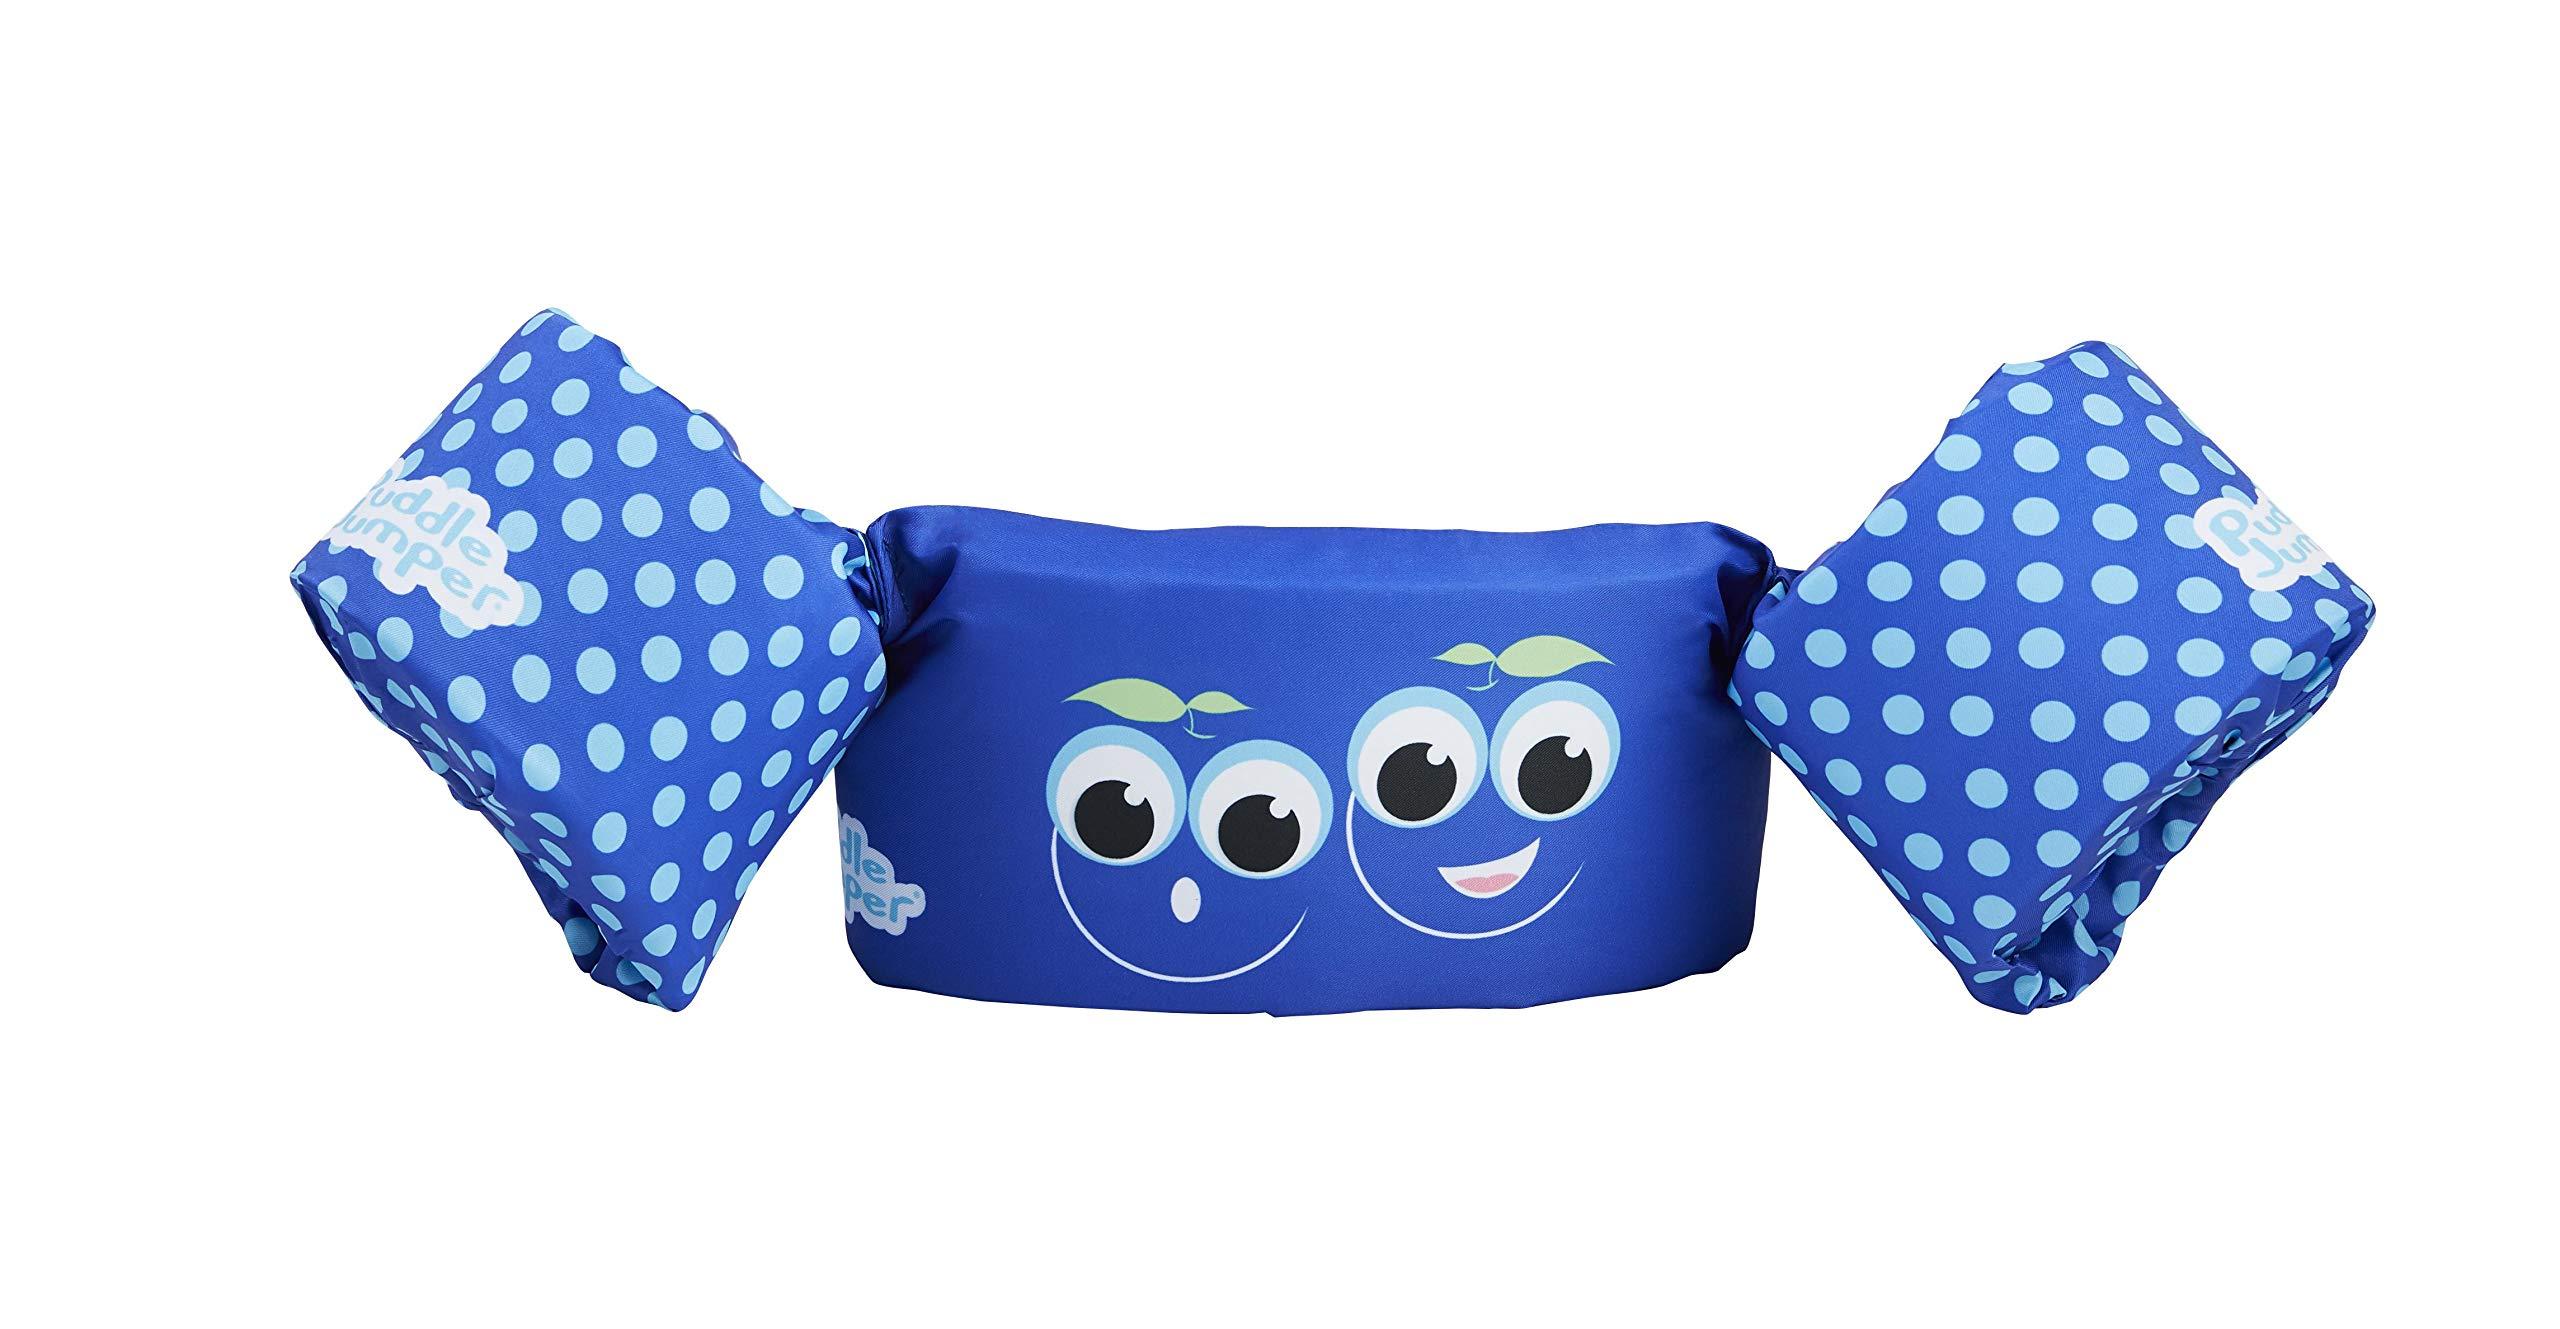 Stearns Puddle Jumper Kids Life Jacket   Life Vest for Children, Blueberry, 30-50 Pounds